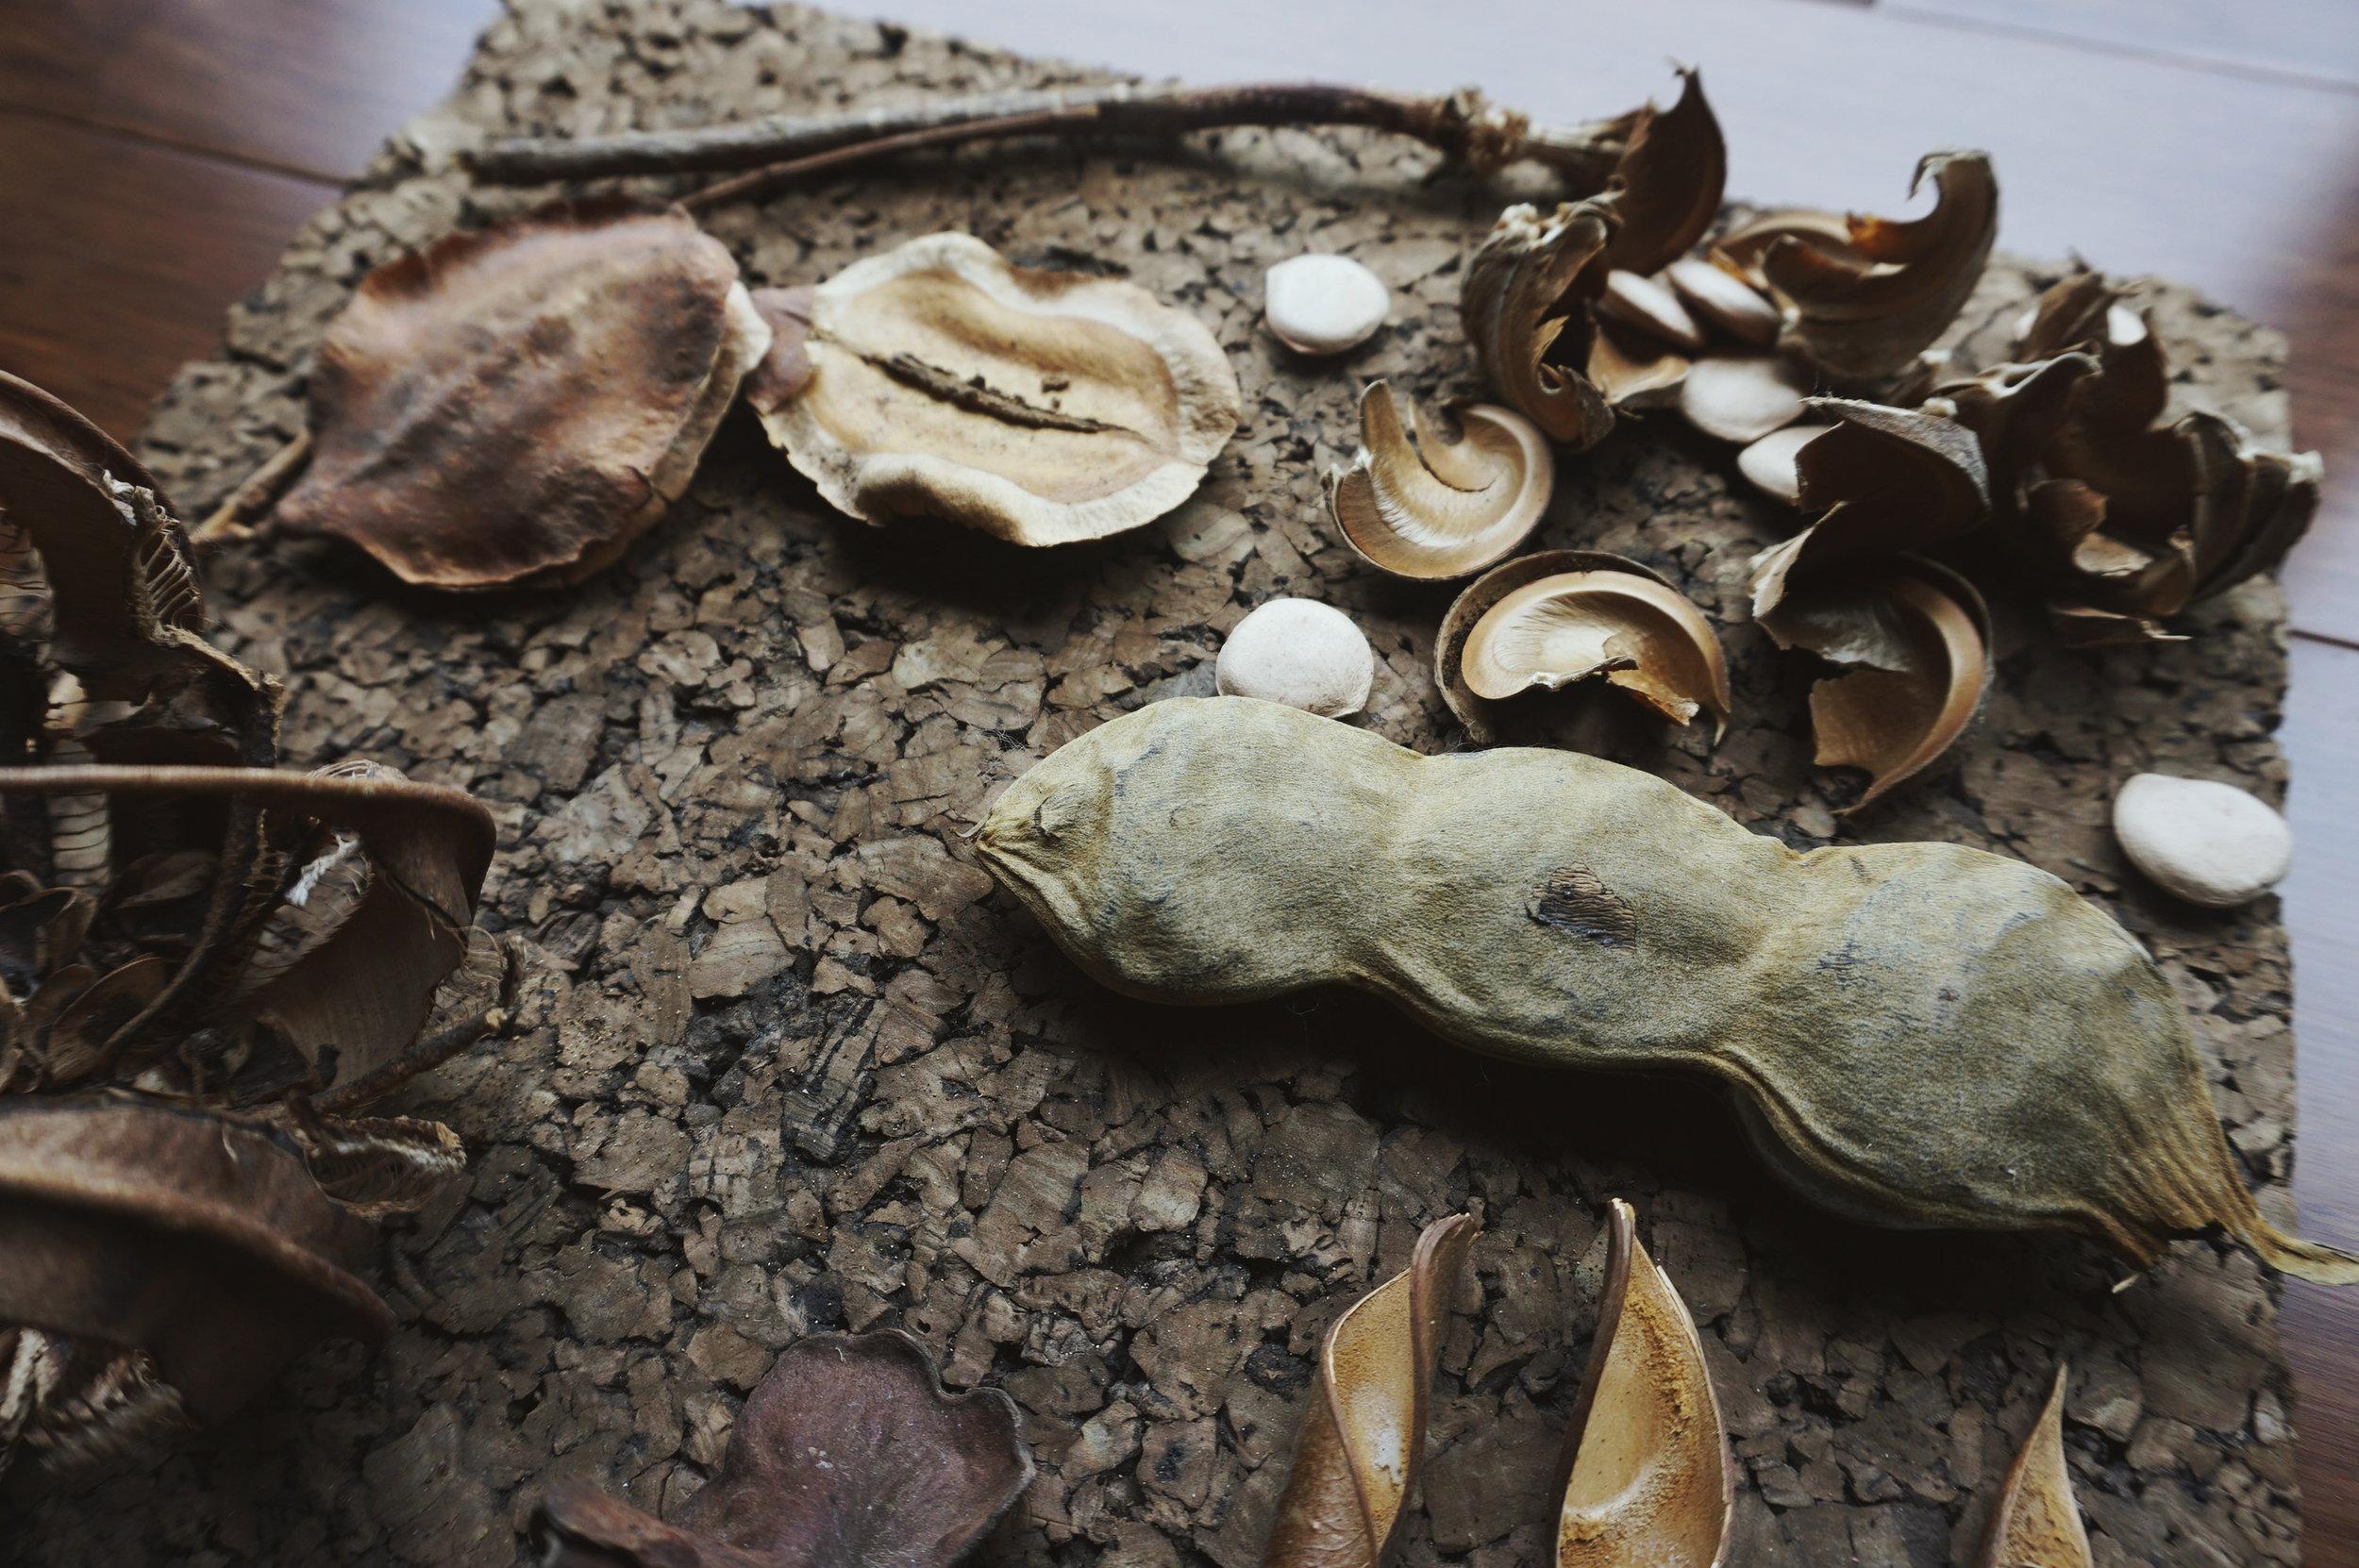 Arca|Deco se inspira en lo que les rodea, desde las semillas que adornan los suelos hasta la chatarra que adorna las calles. En la esquina superior derecha se ven los restos de la semilla que explotó.